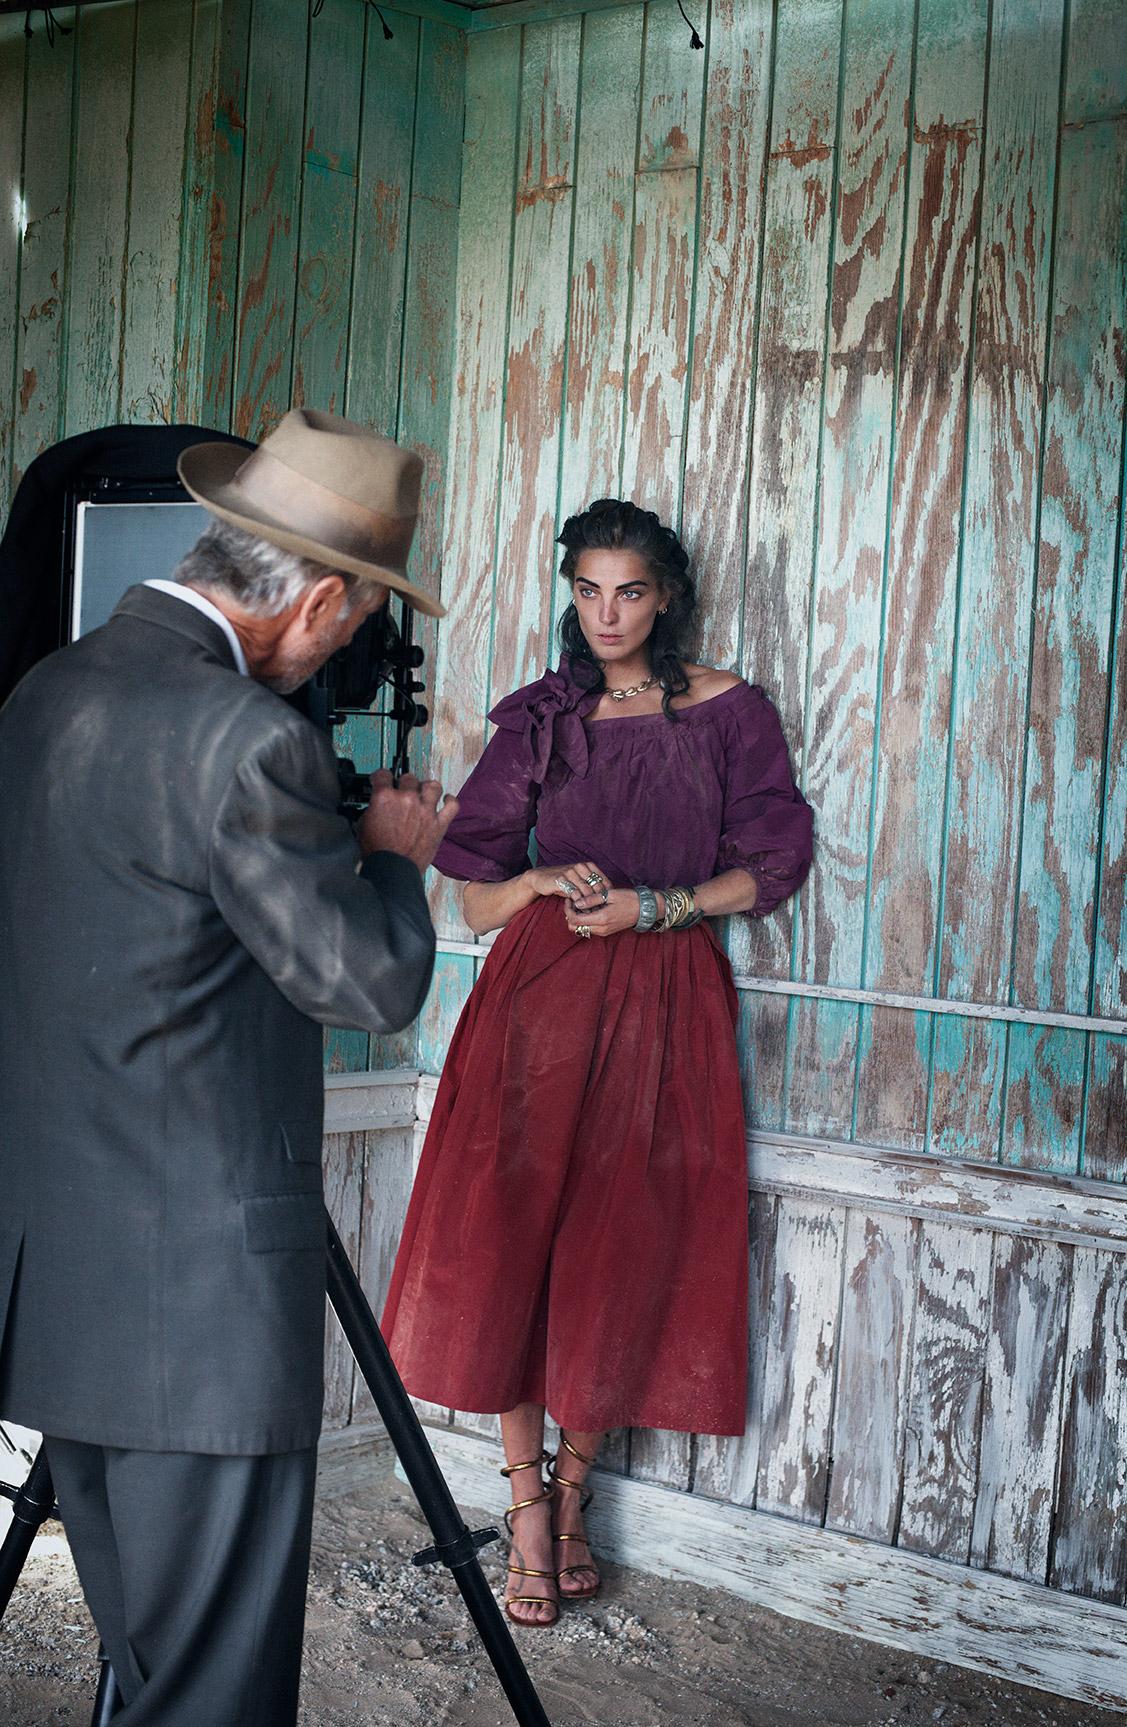 Дарья Вербовы и Дэвид Стрэтэйрн в заброшенном поселке / фотограф Питер Линдберг / фото 10